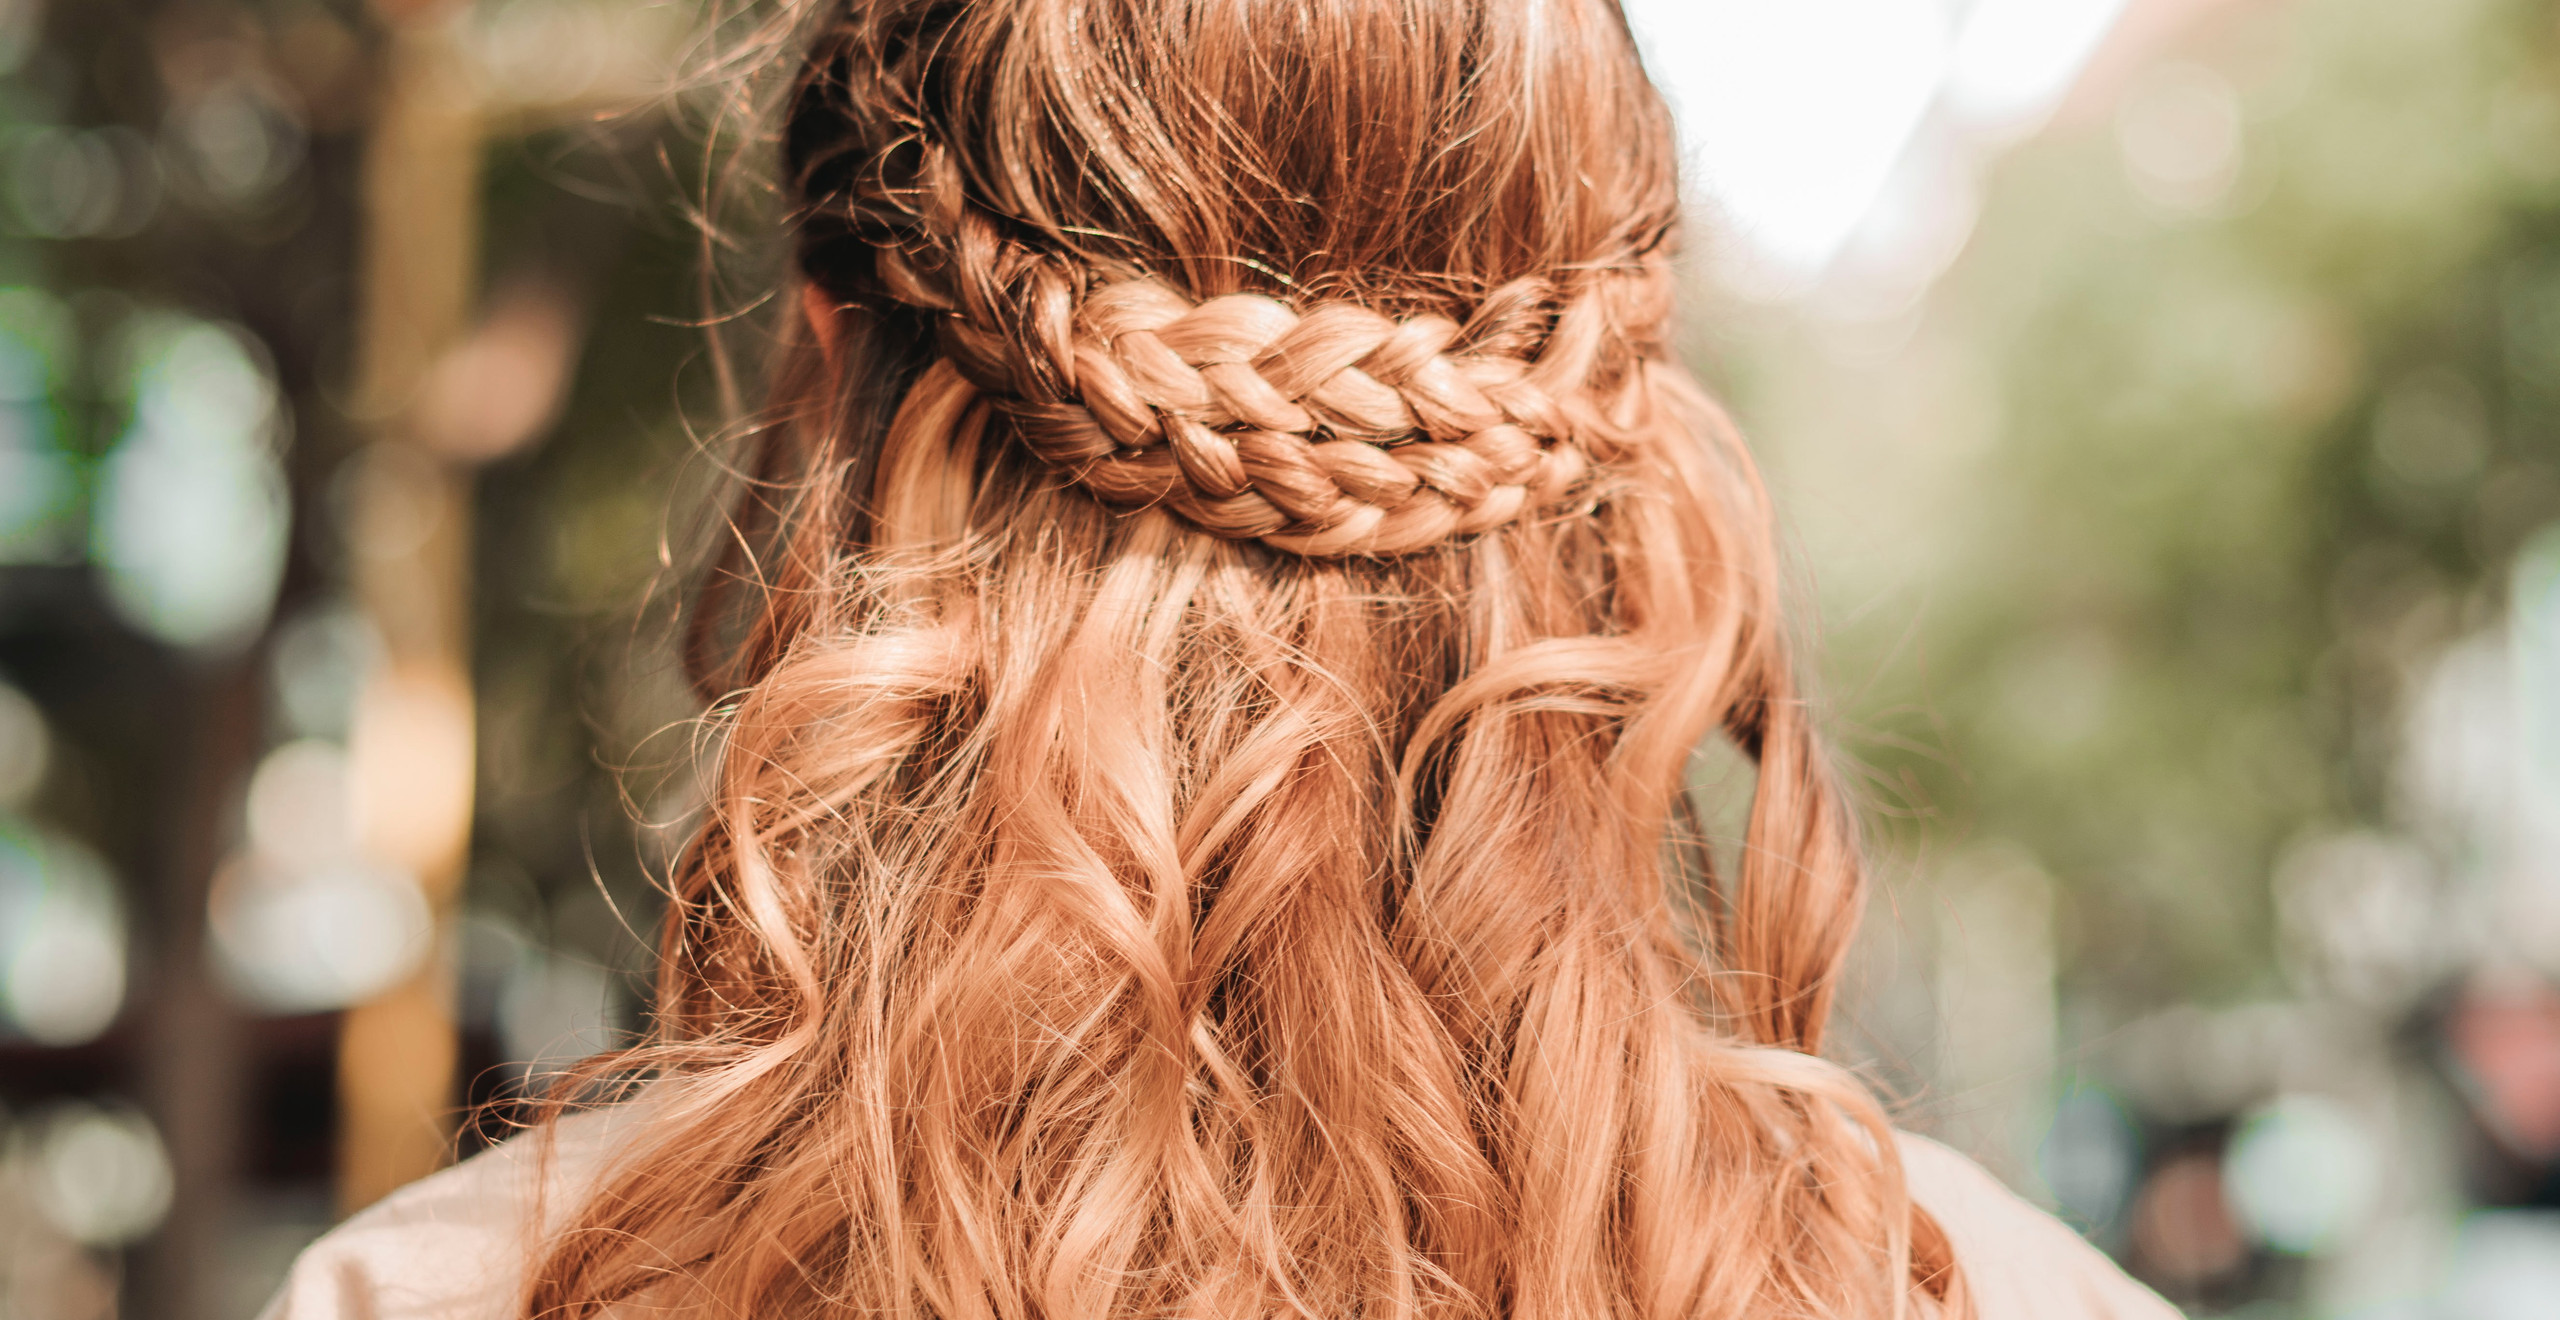 coiffure romantique bohème